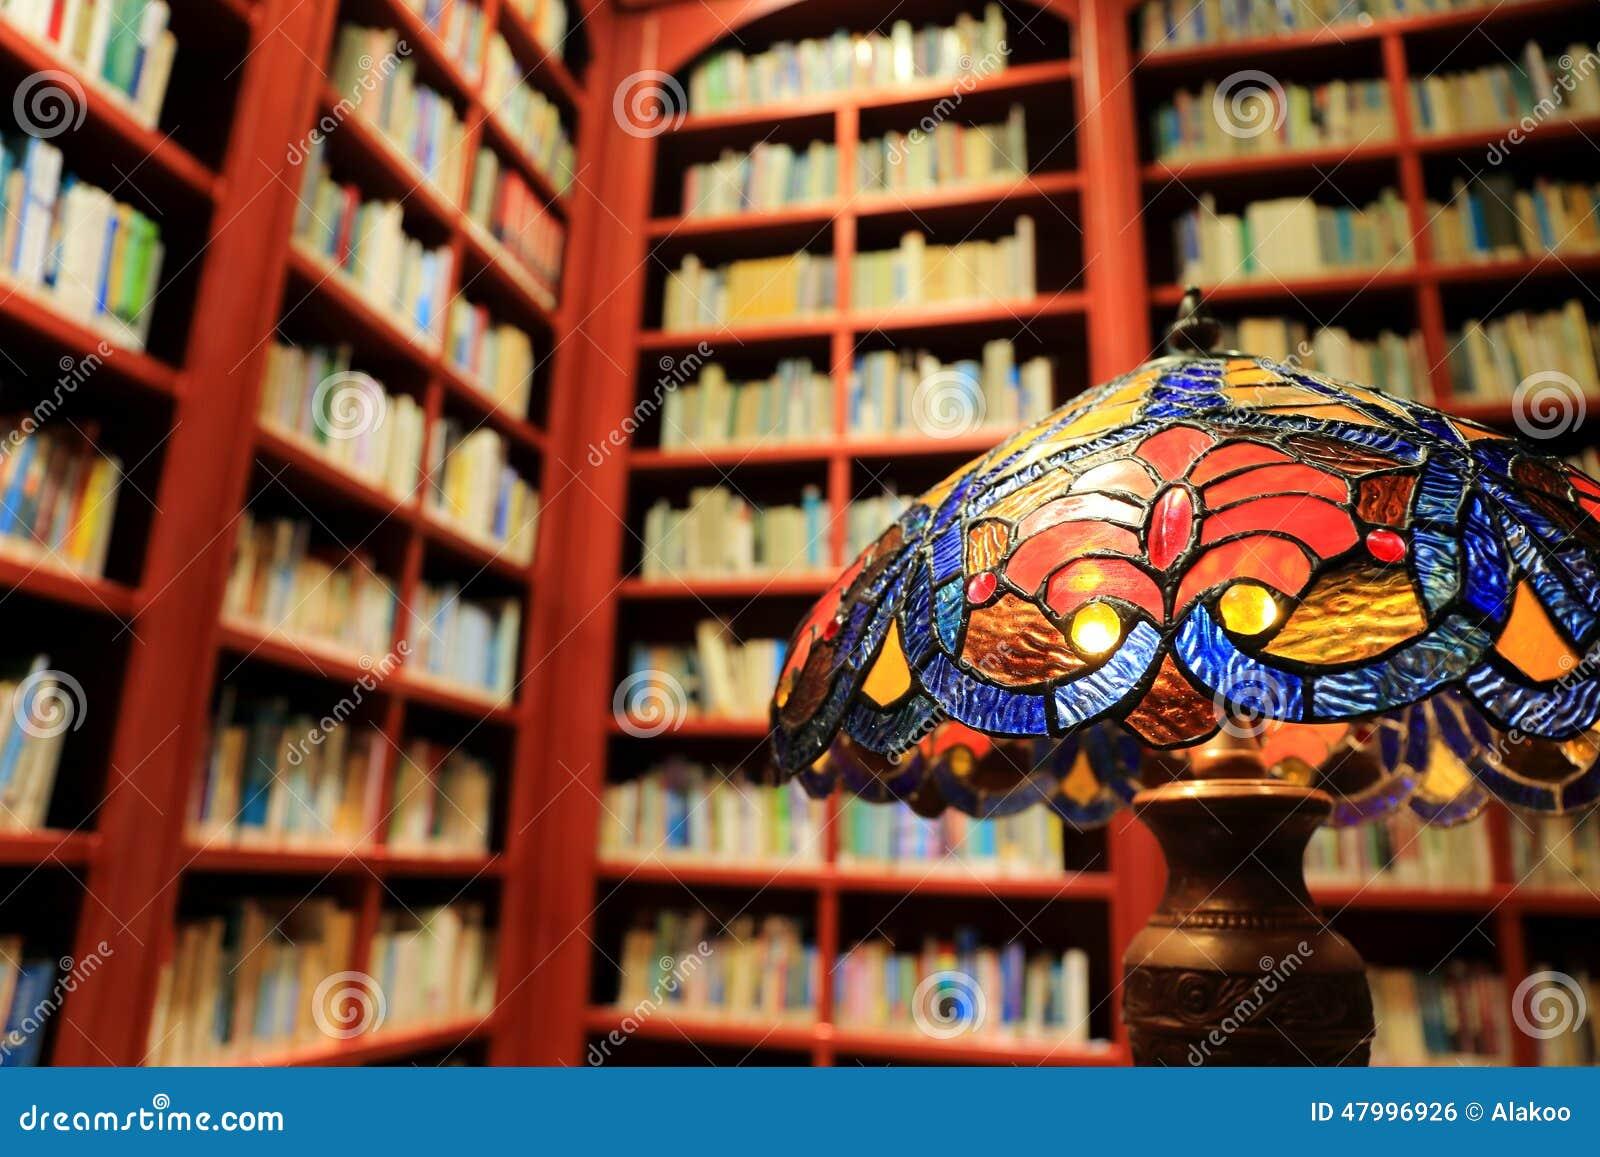 葡萄酒台灯、书和书架在图书馆,老图书馆阅览室的概念里